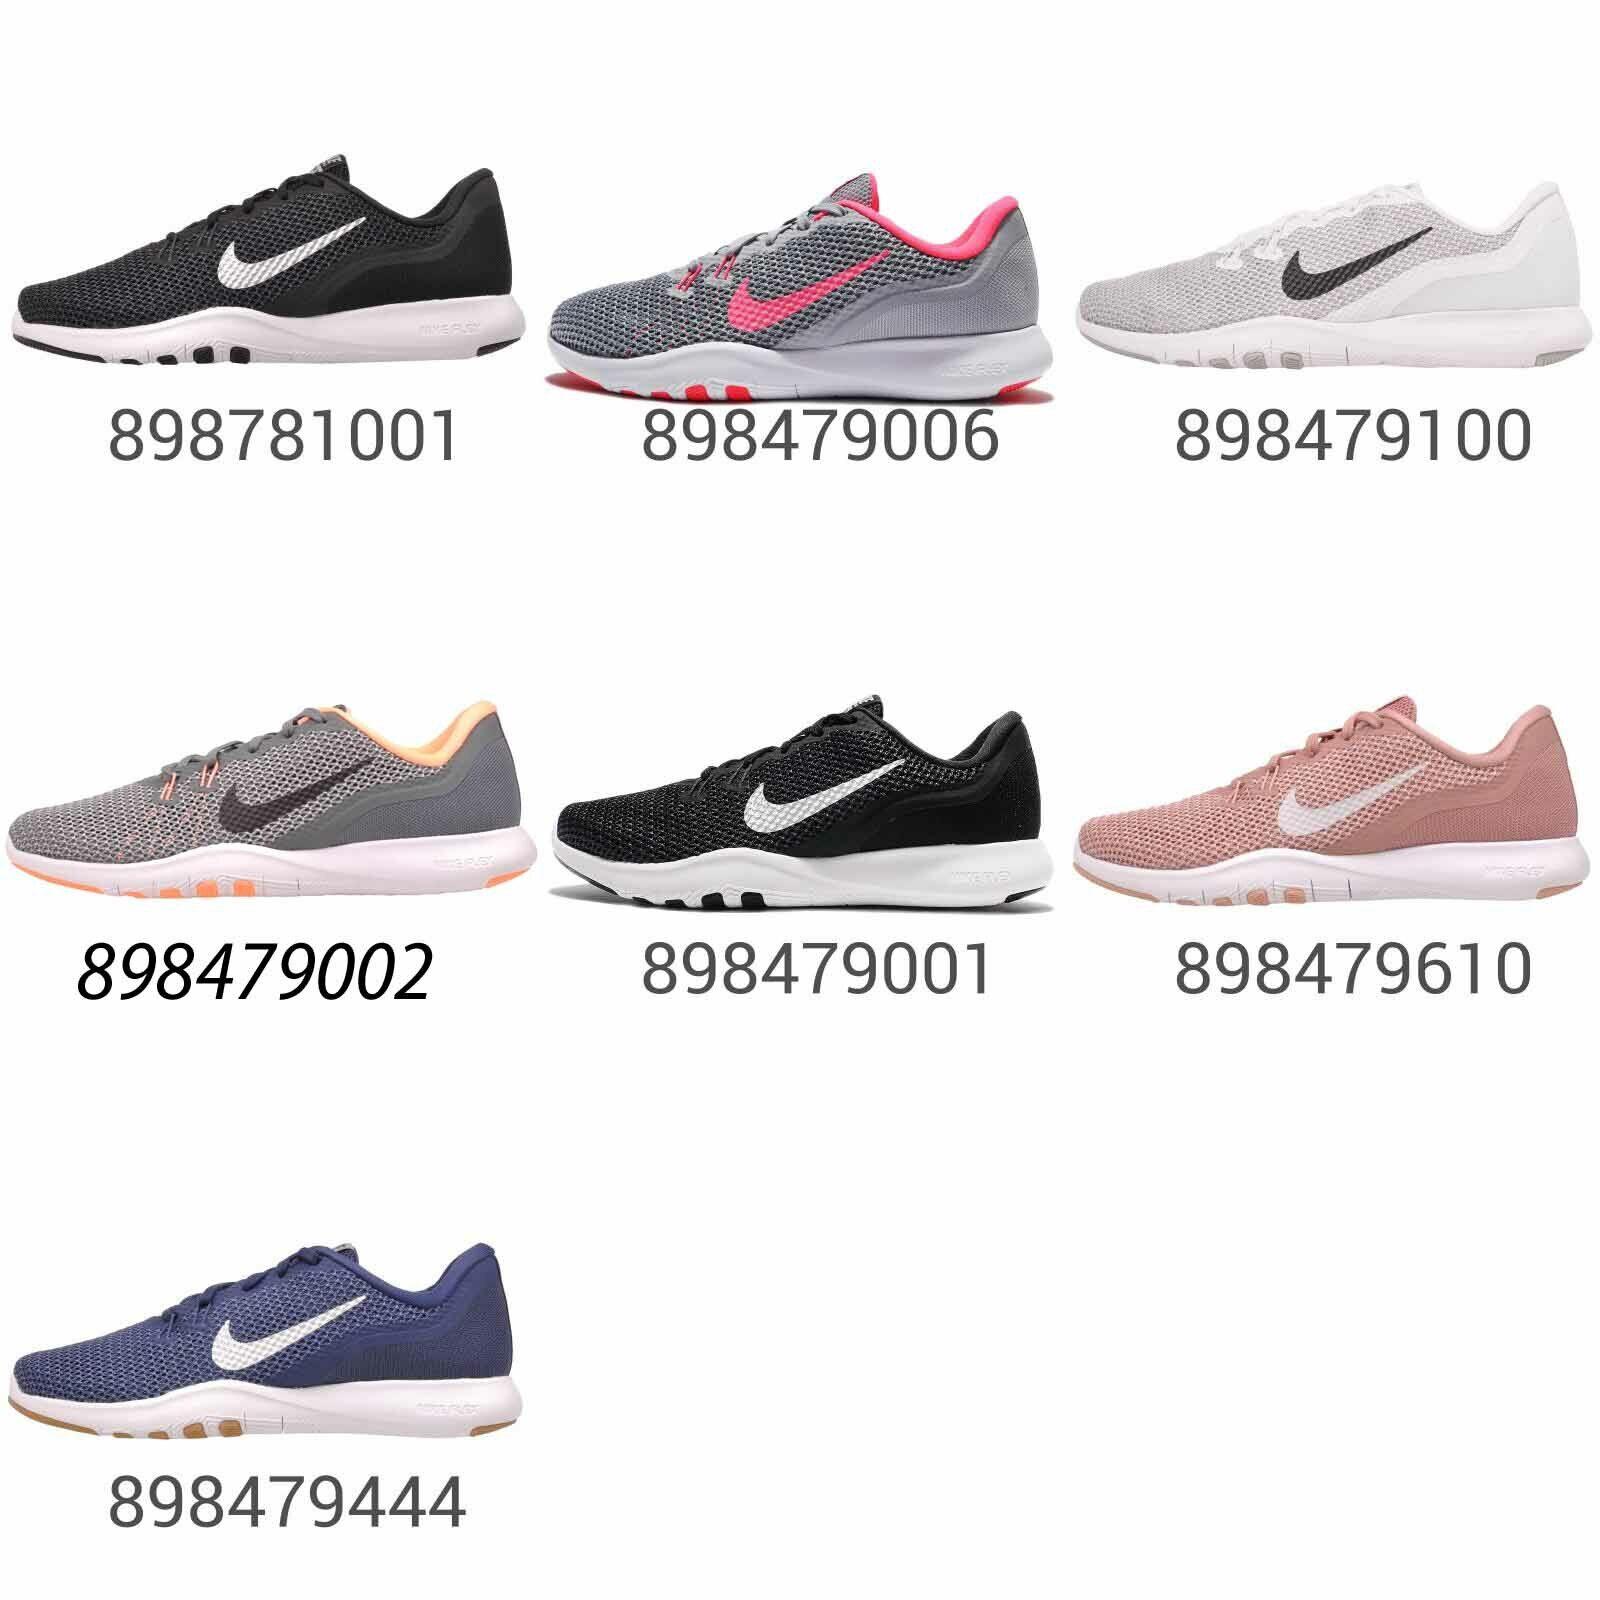 Para mujer Nike Wmns Wmns Wmns Flex 7 Entrenador Zapatos de entrenamiento cruzado (mediano y ancho)  Disfruta de un 50% de descuento.